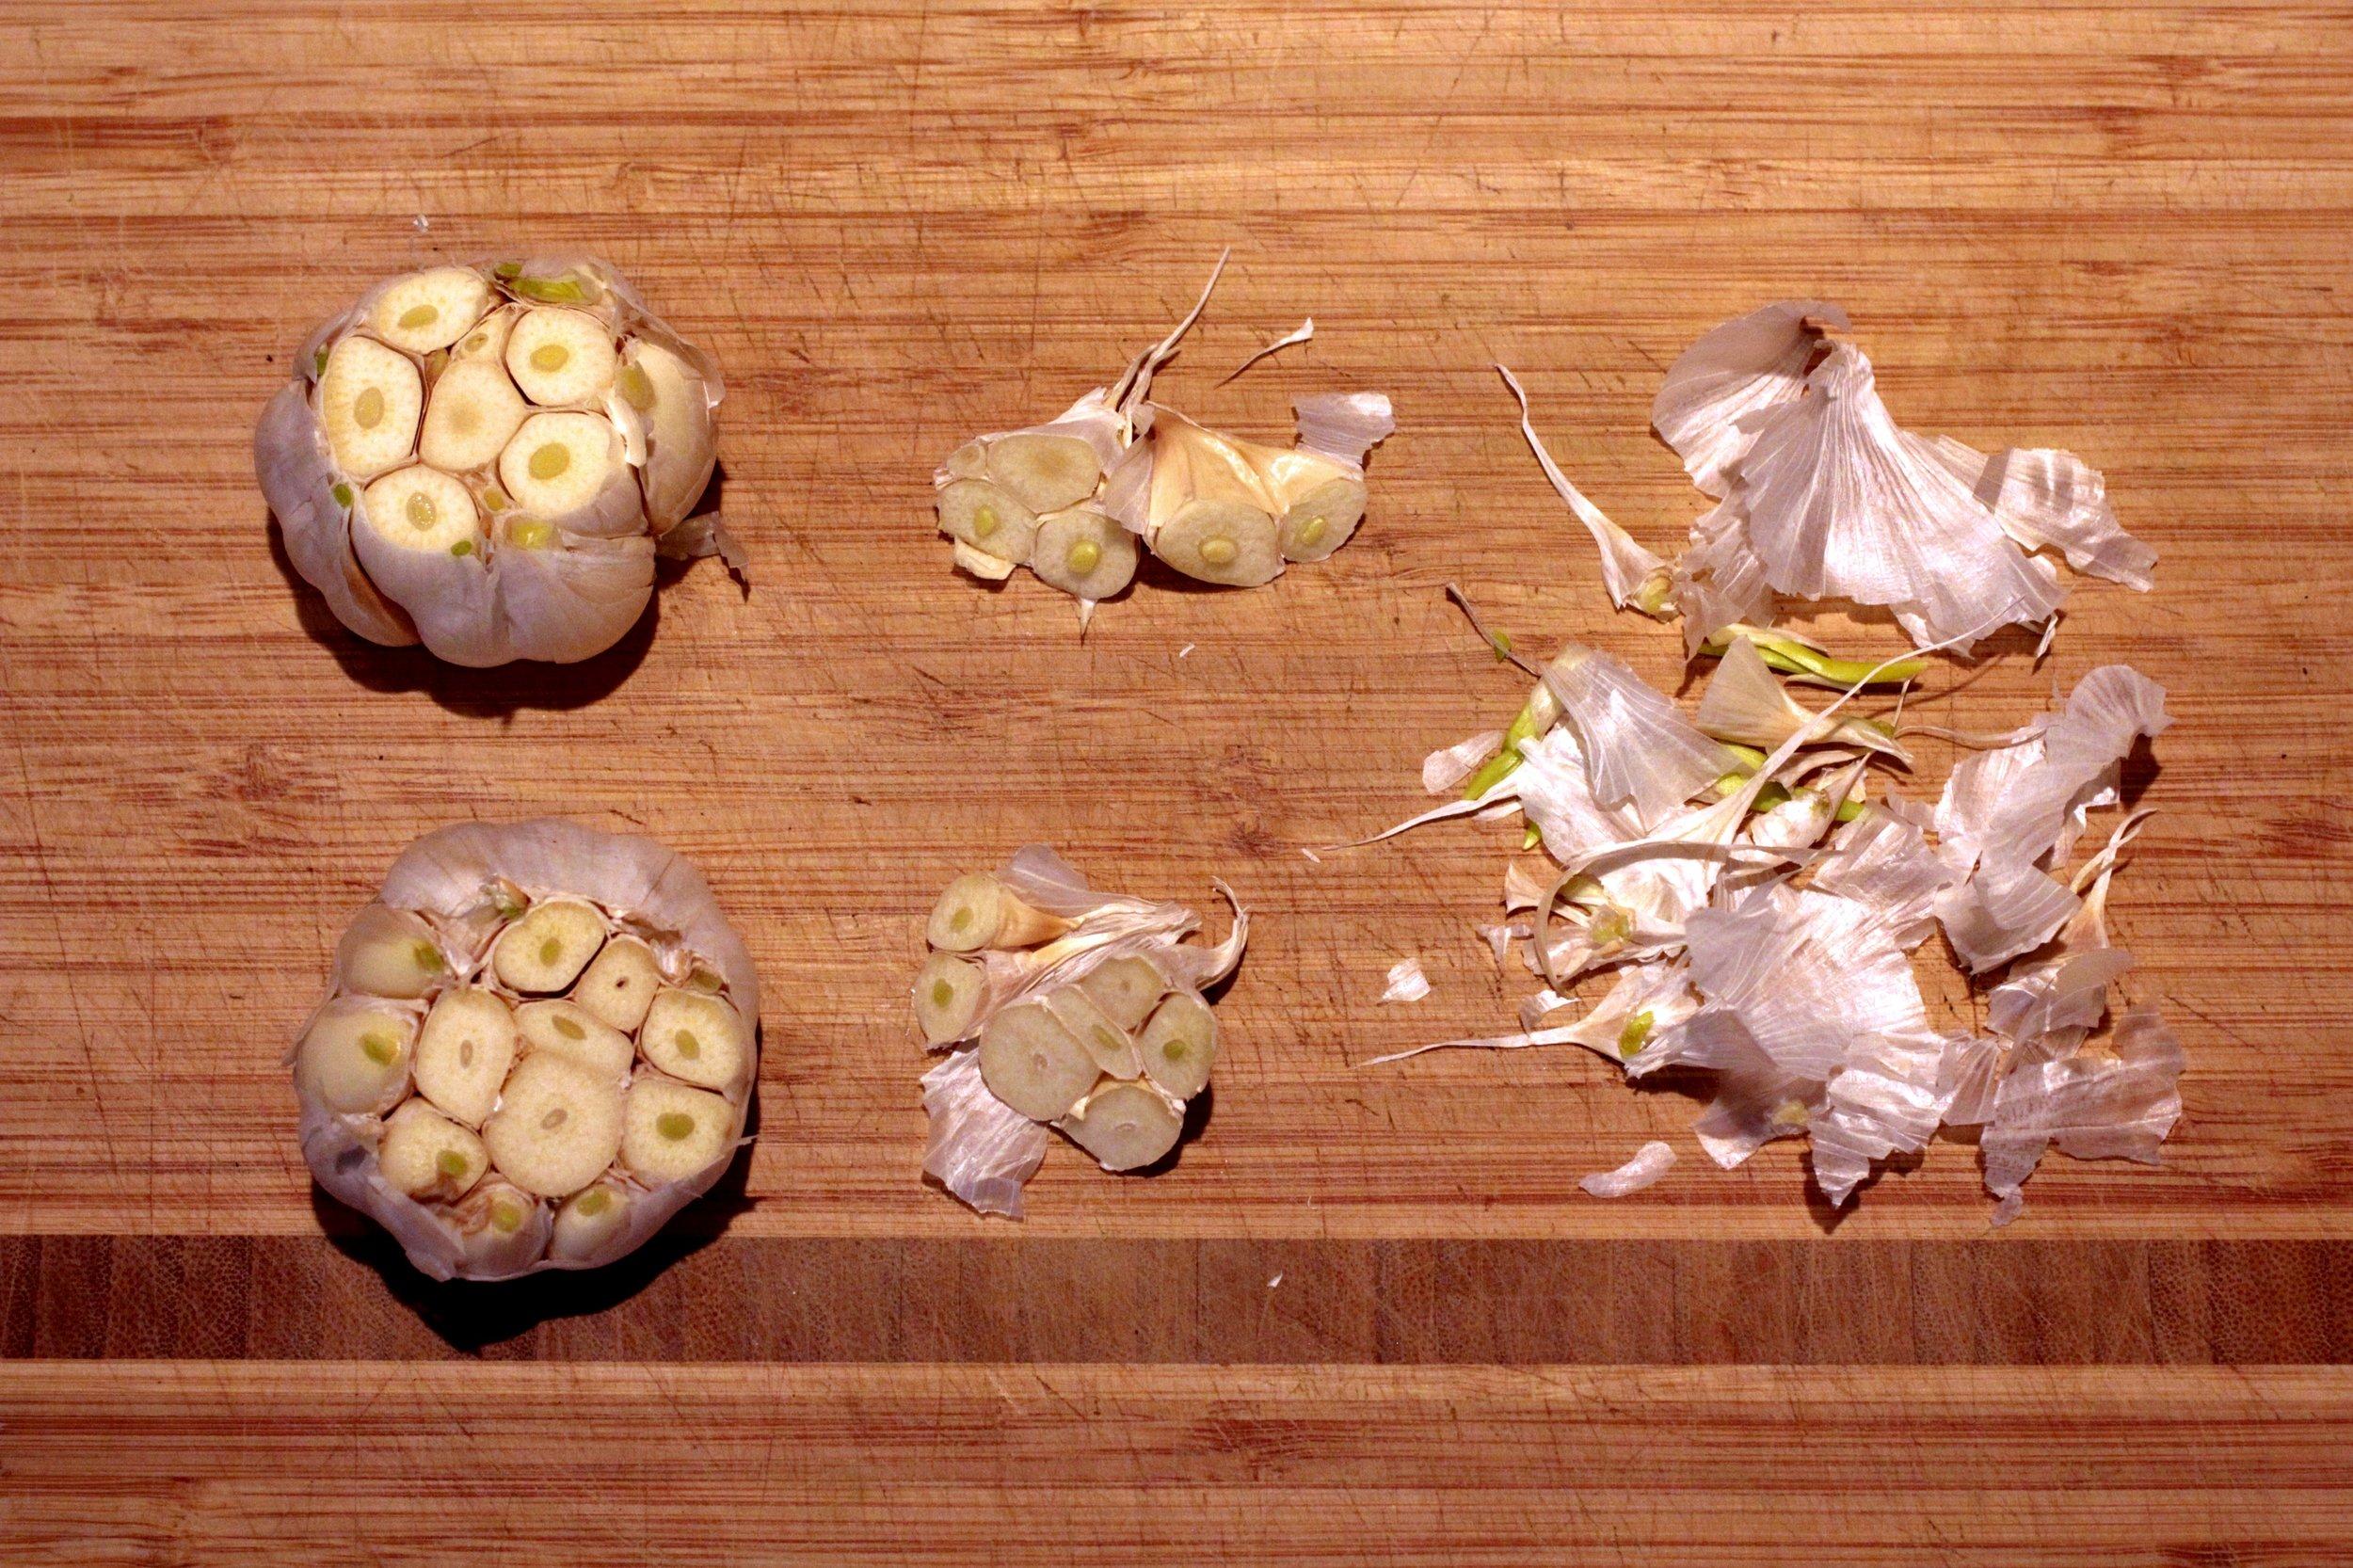 A garlic kiss, disassembled.